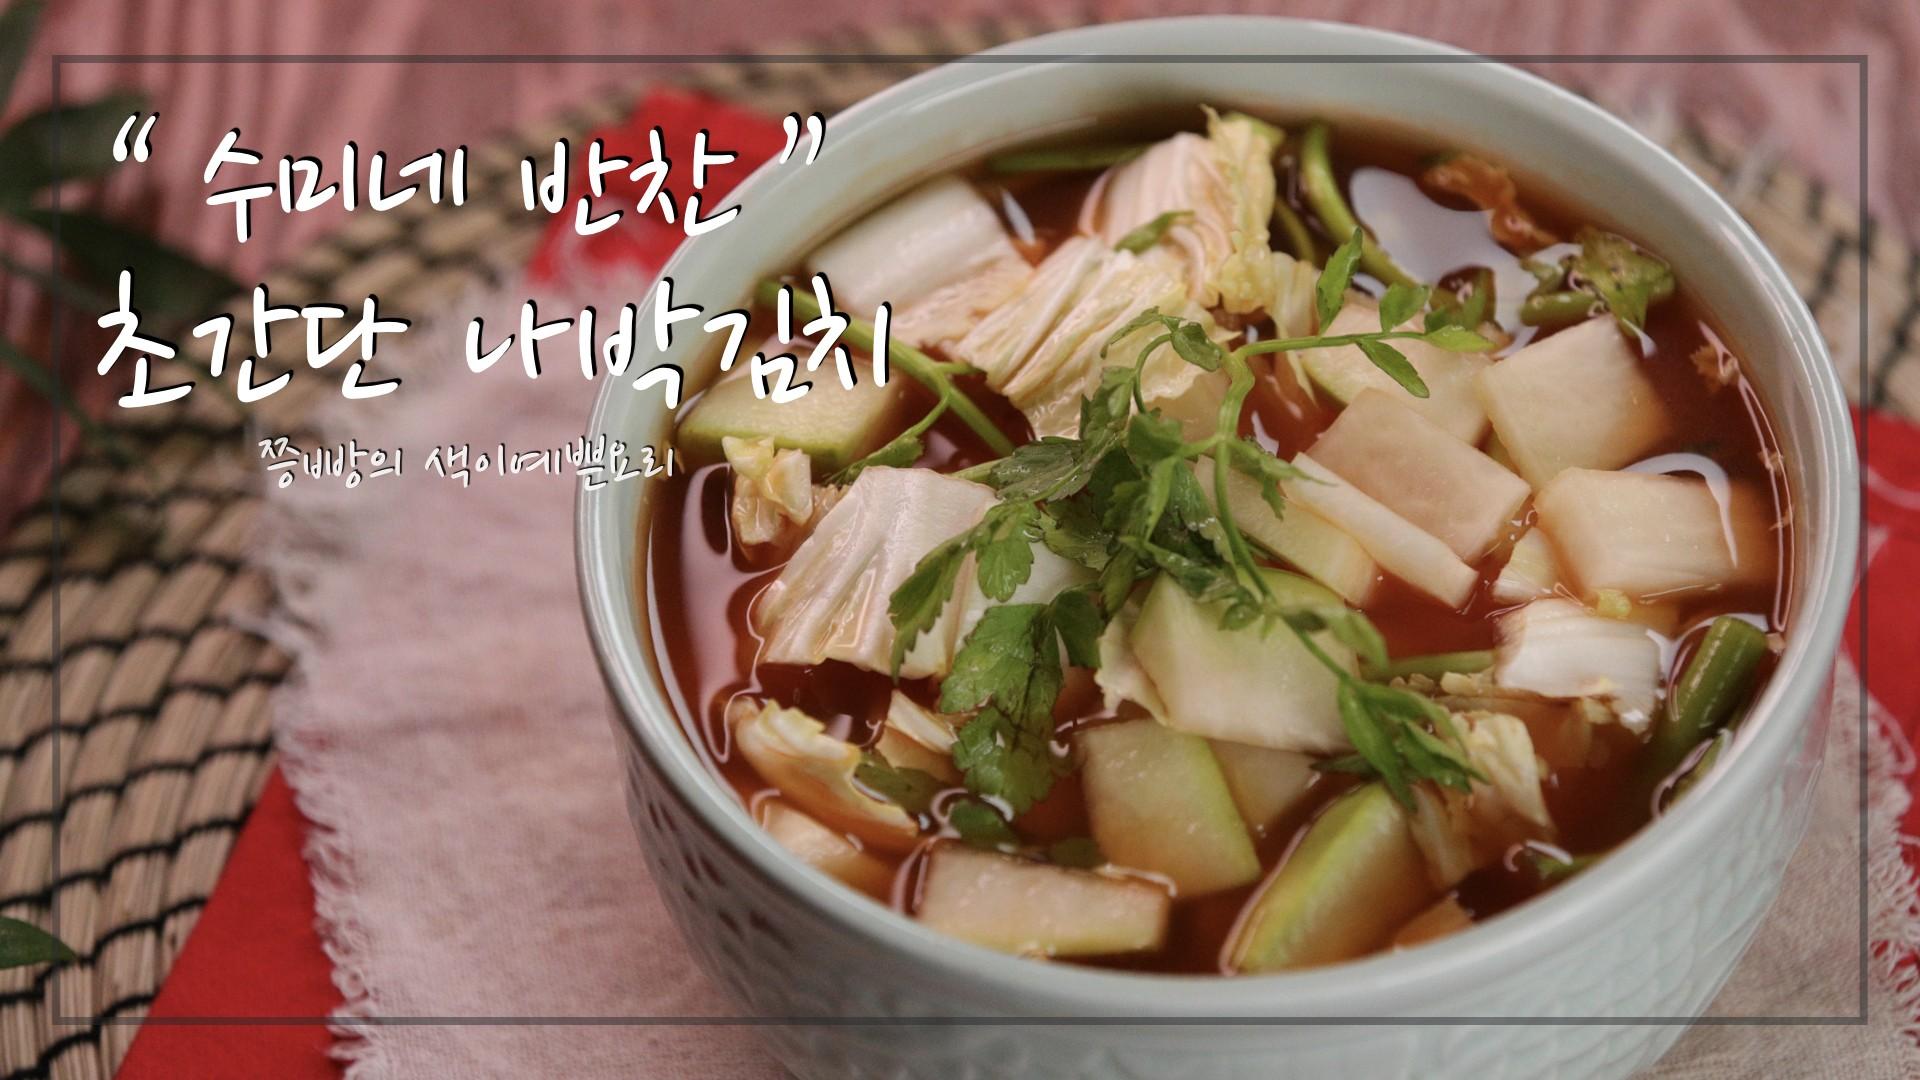 수미네 반찬 상큼한 나박김치 만드는 법,김수미표 레시피로 초간단 나박김치 만들기